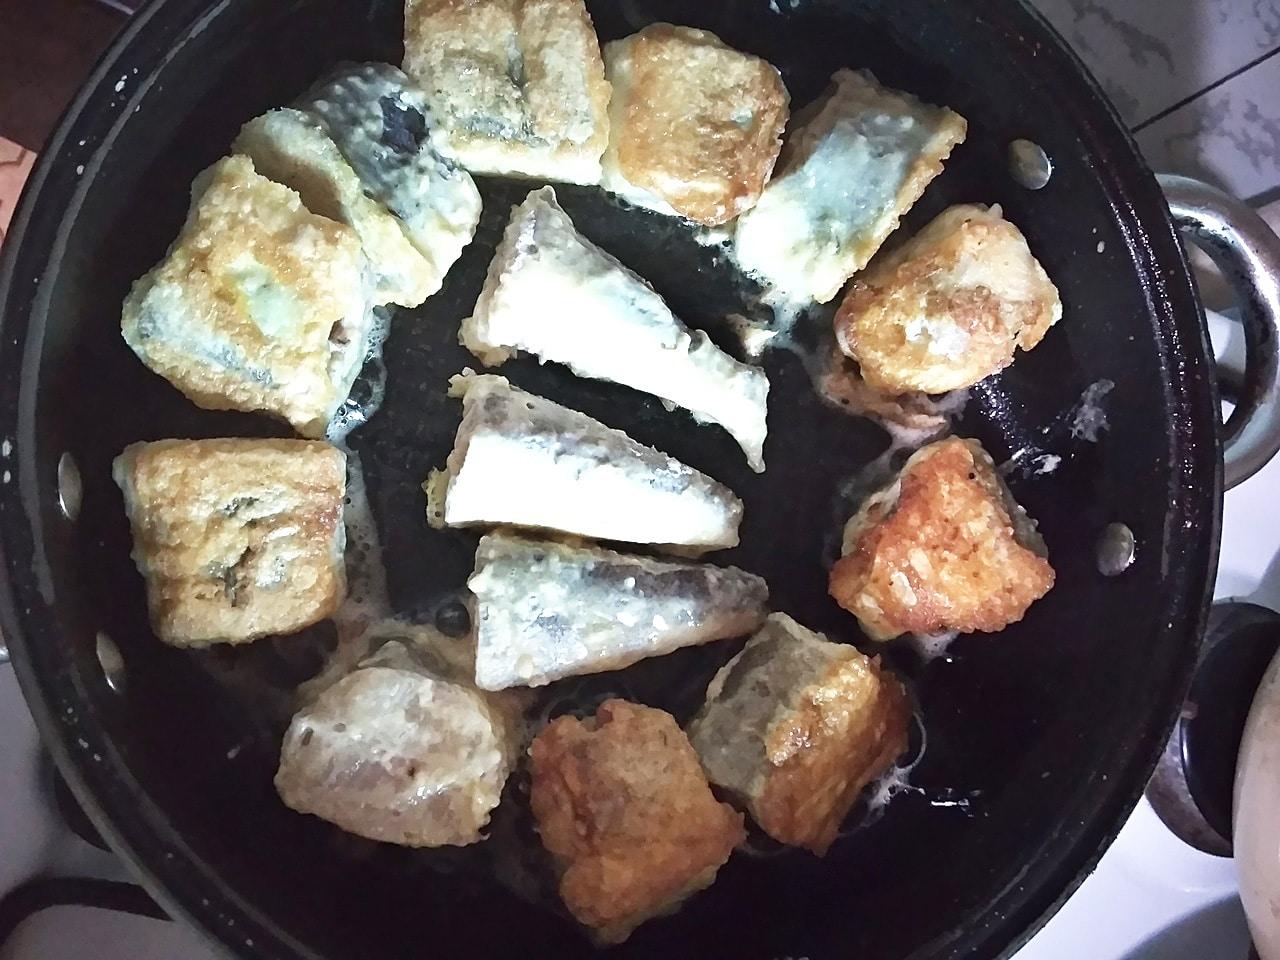 живая жареное филе хека рецепт с фото пошагово хорошо сочетается зернистой